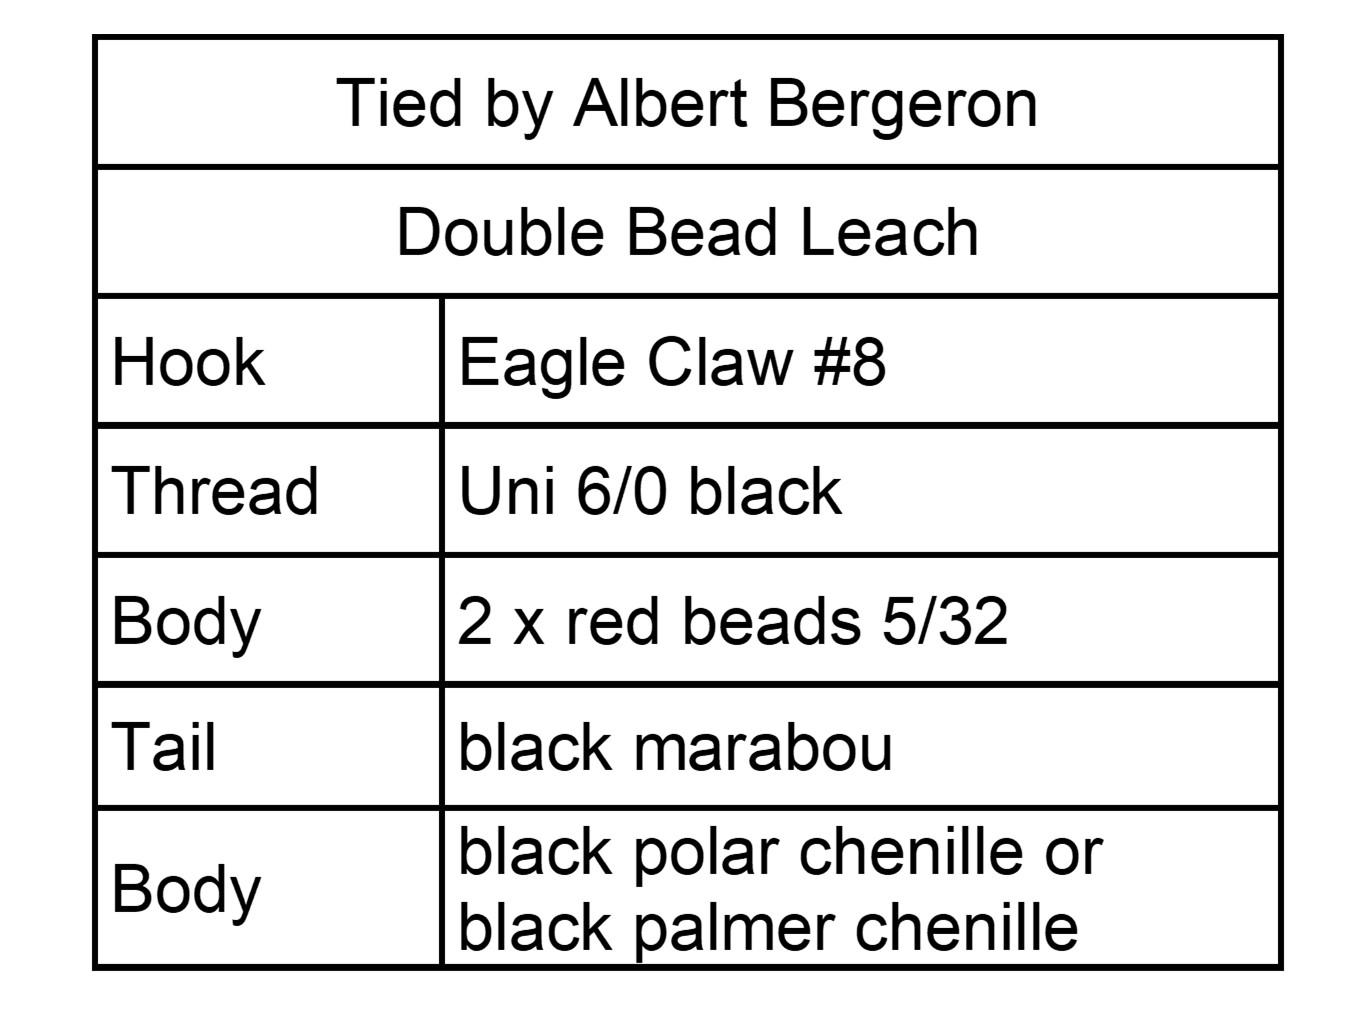 Double Bead Leach Menu